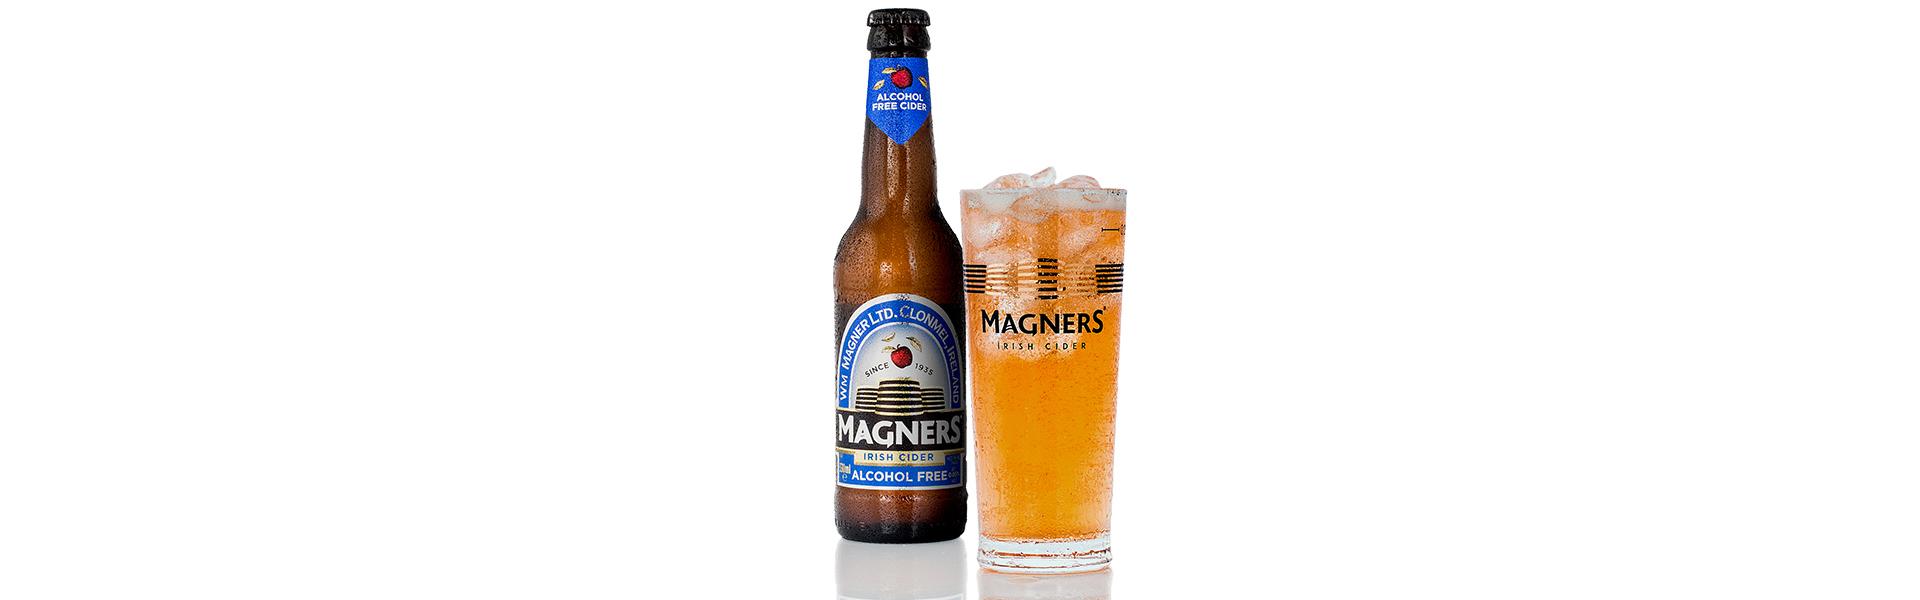 Magners Alcohol Free Irish Cider släpps på alla Systembolagsbutiker 1 juni